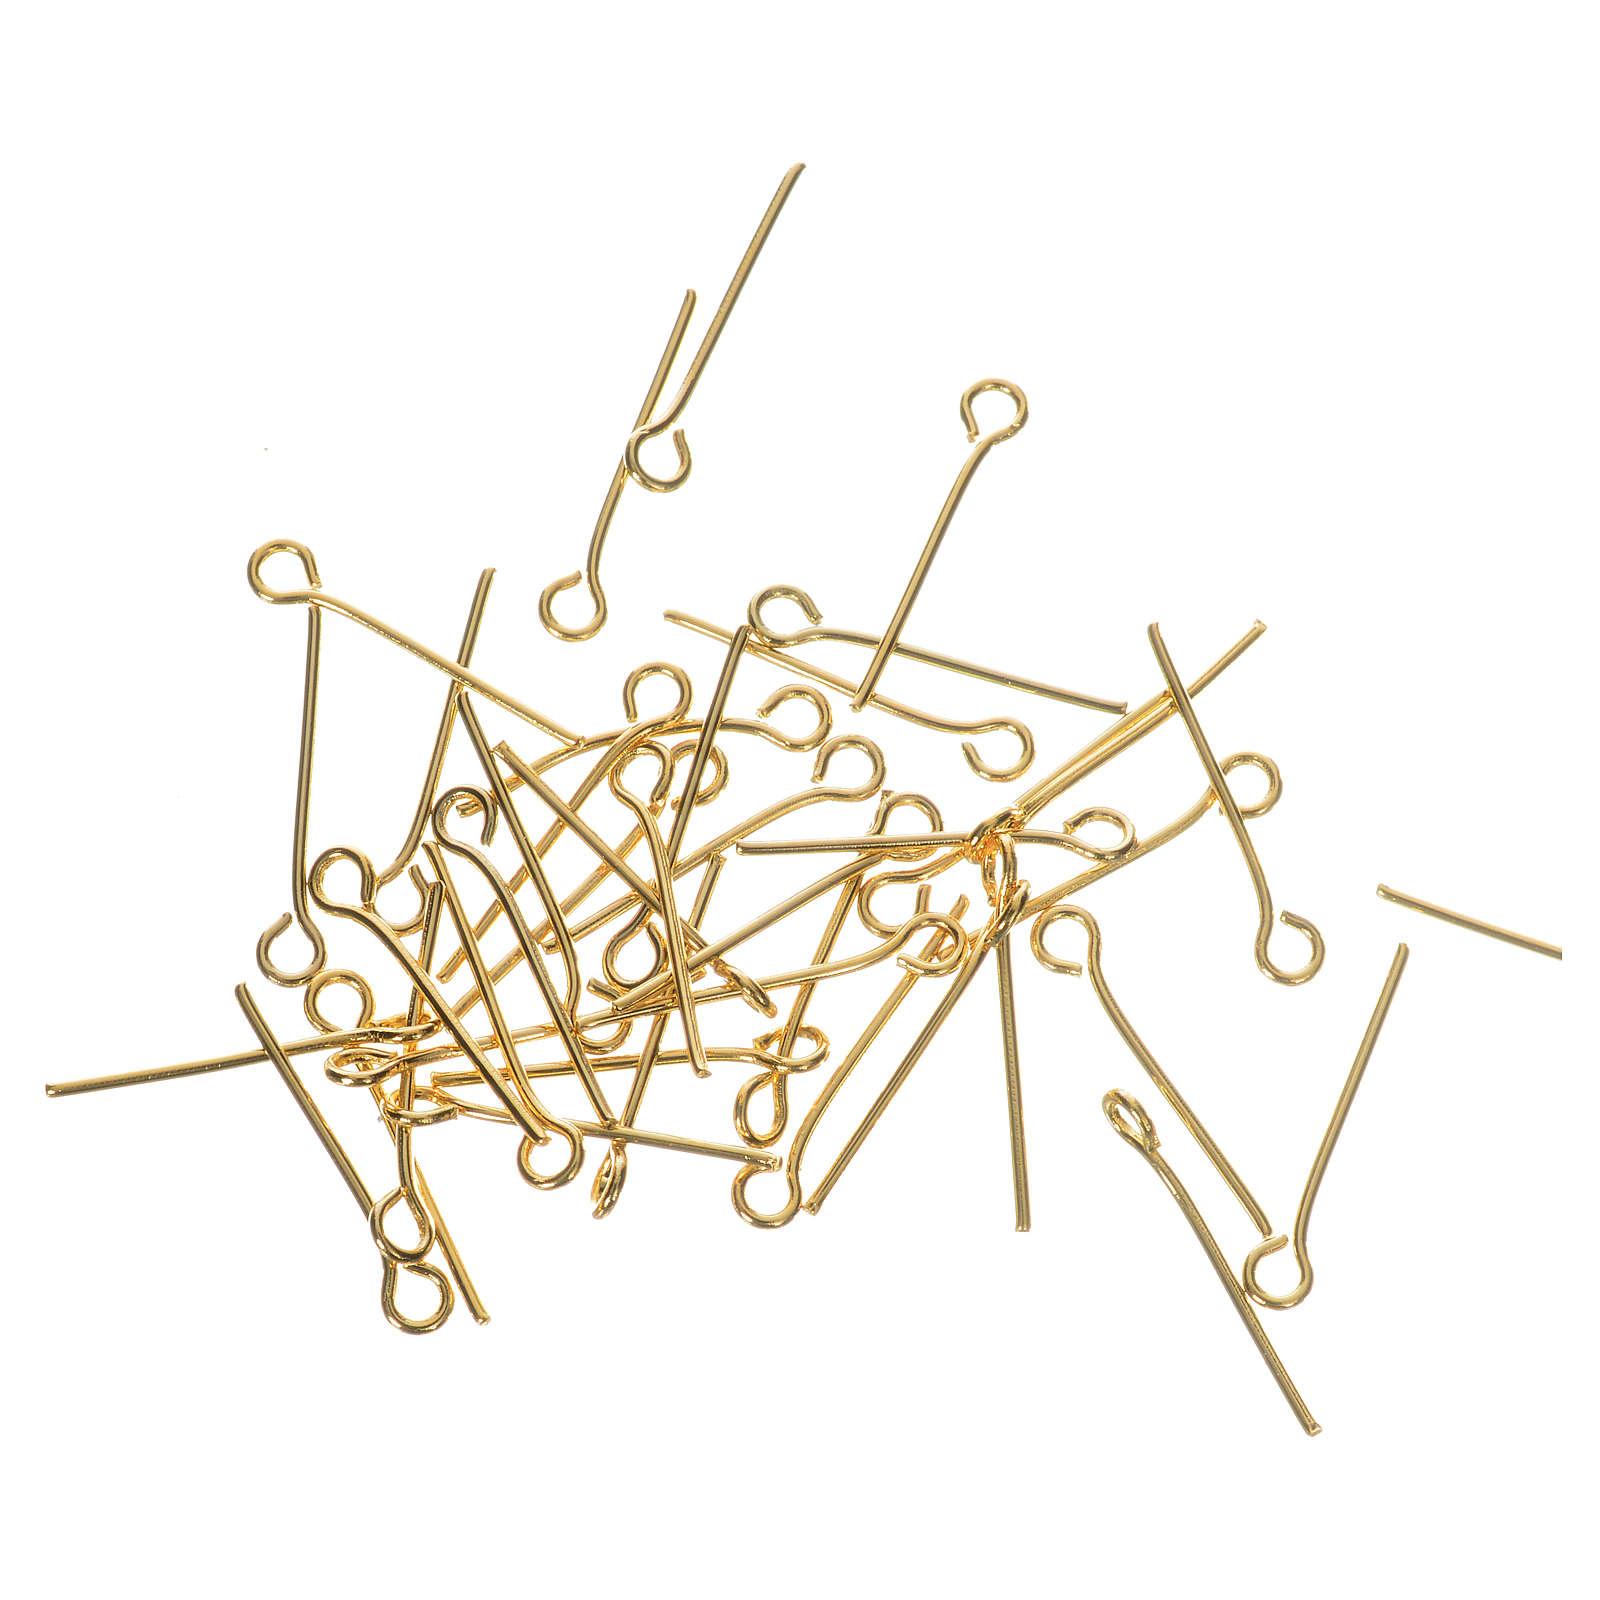 Gancetti metallo dorato Rosari fai da te 4